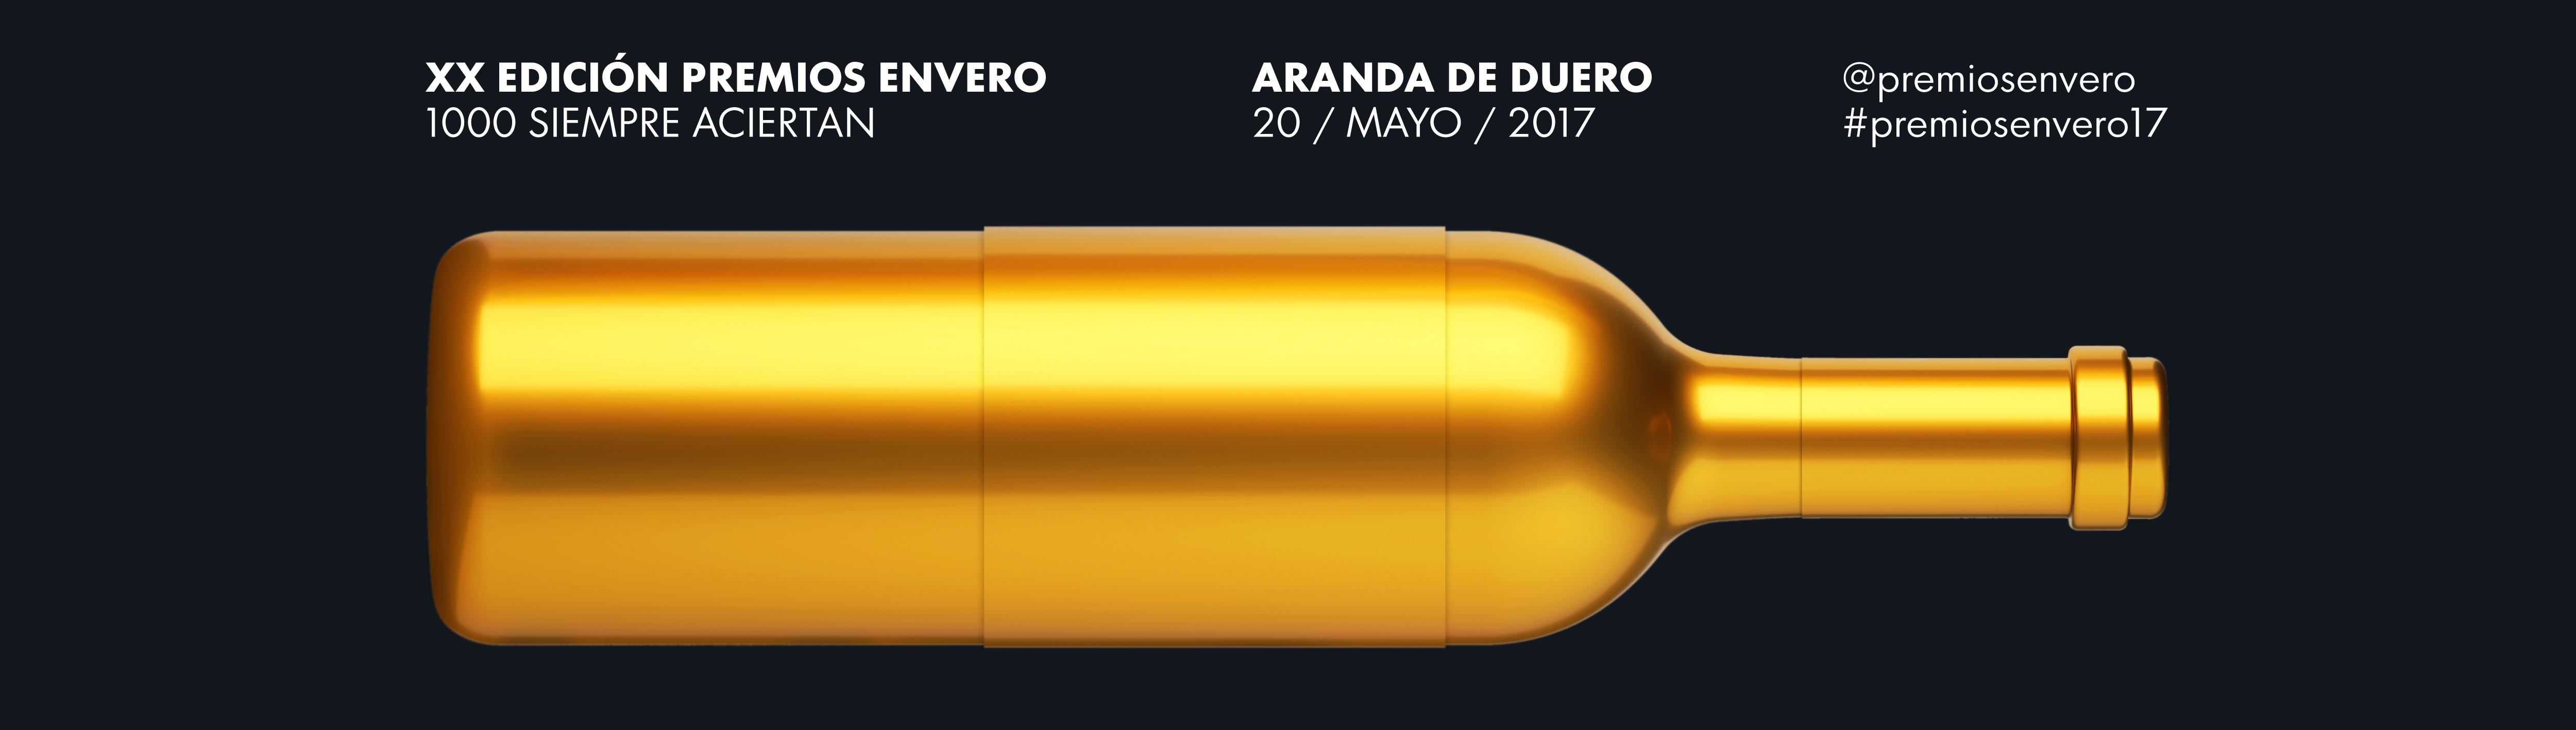 XX Edición Premios Envero 2017